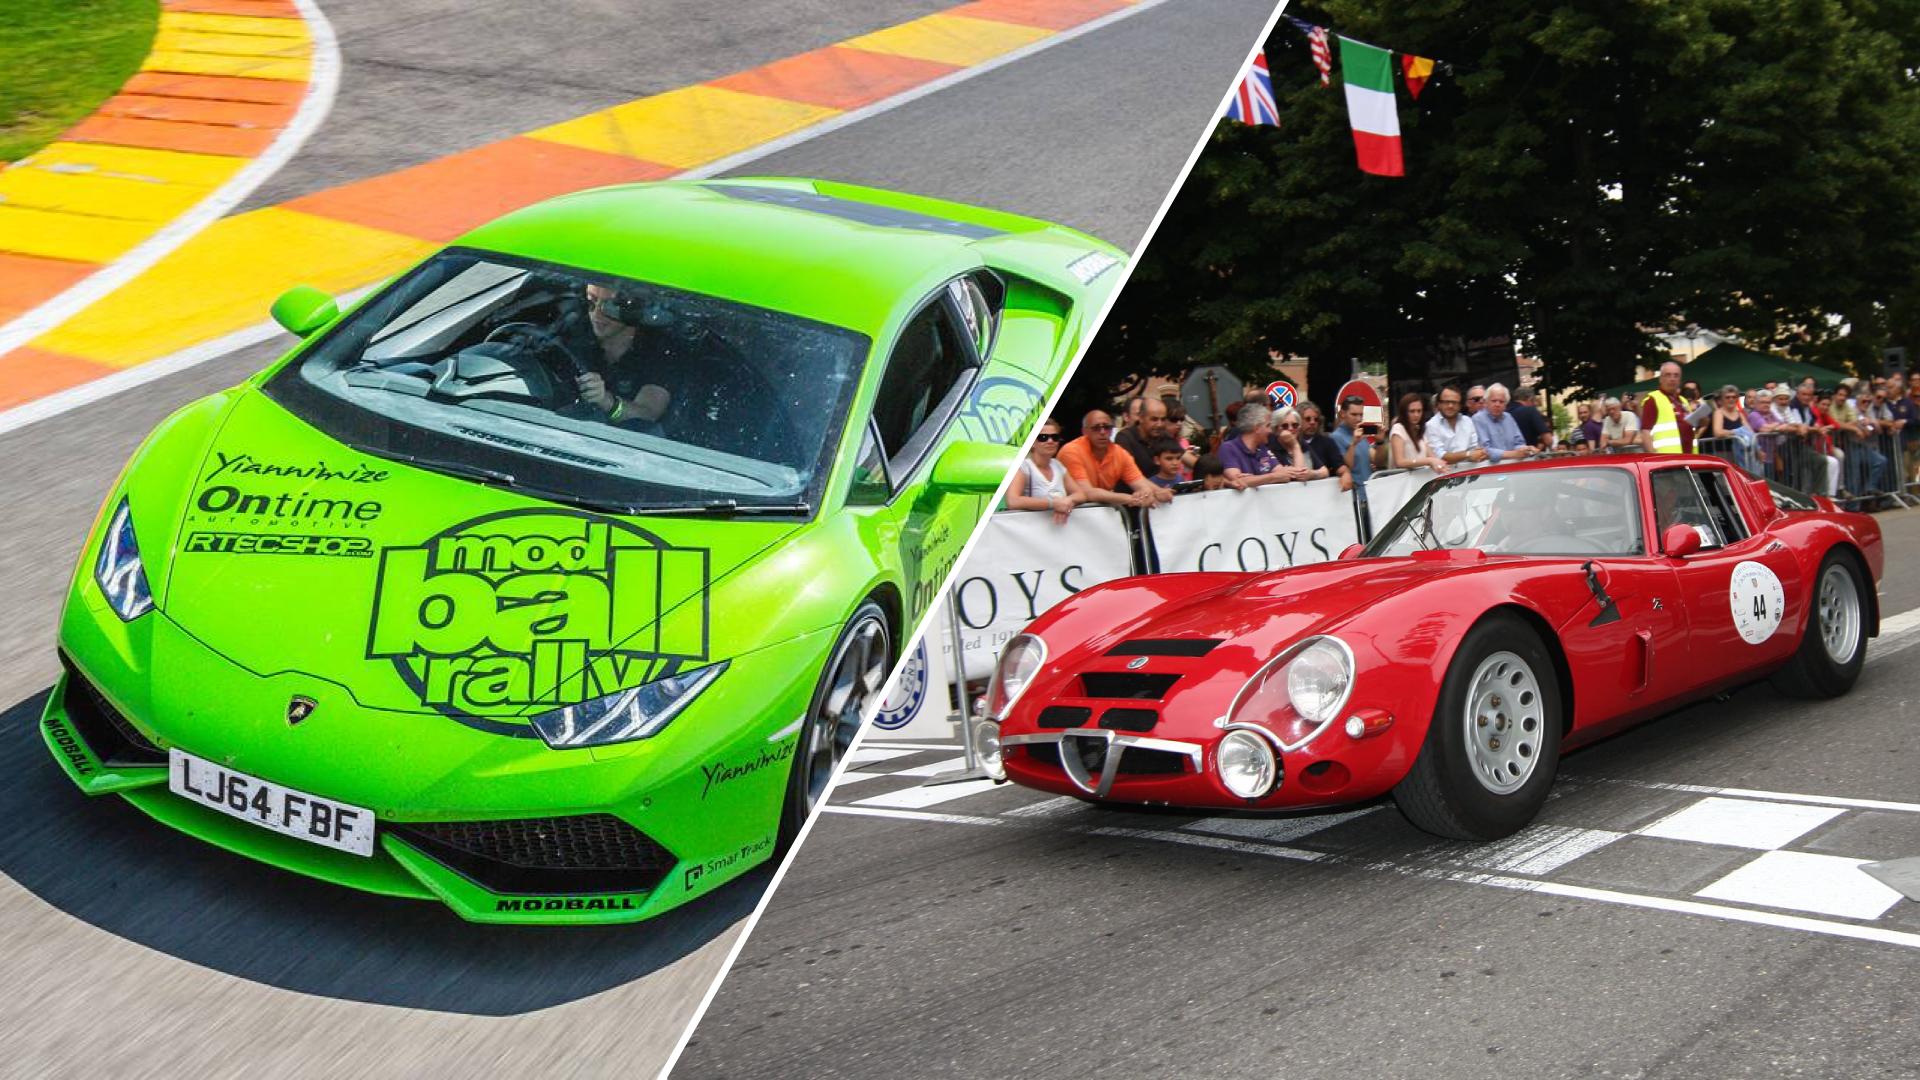 Supercar e auto d'epoca all'Autodromo di Varano con Modball Europe Rally e Vernasca Silver Flag.